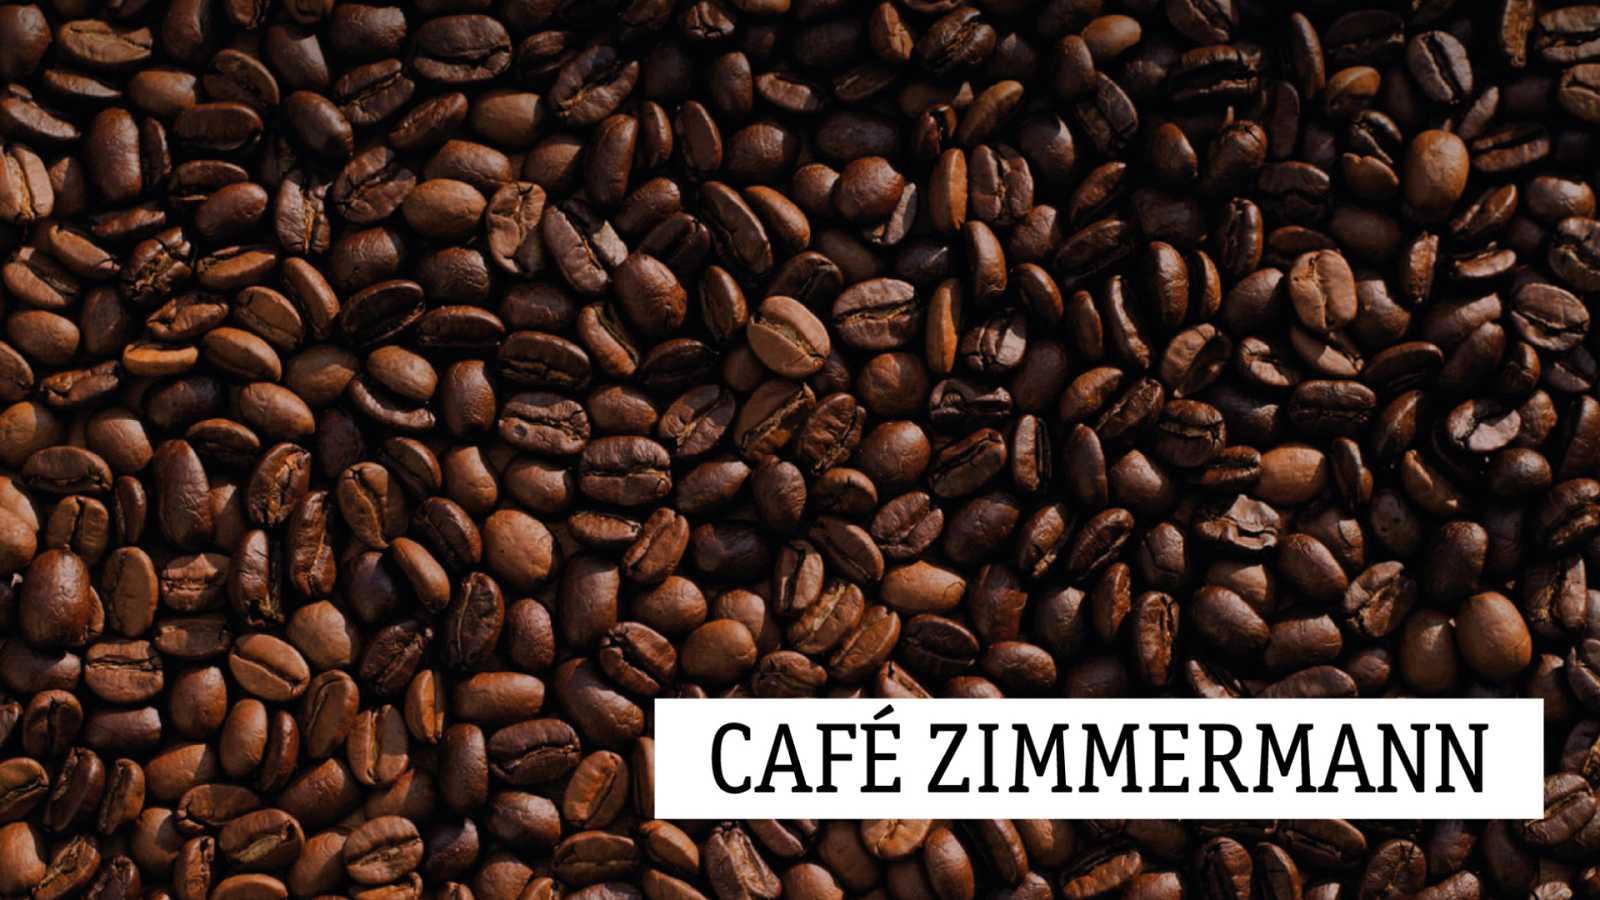 Café Zimmermann - Galdós en el cine con clásica: Tristana, Viridiana y El abuelo - 30/12/20 - escuchar ahora